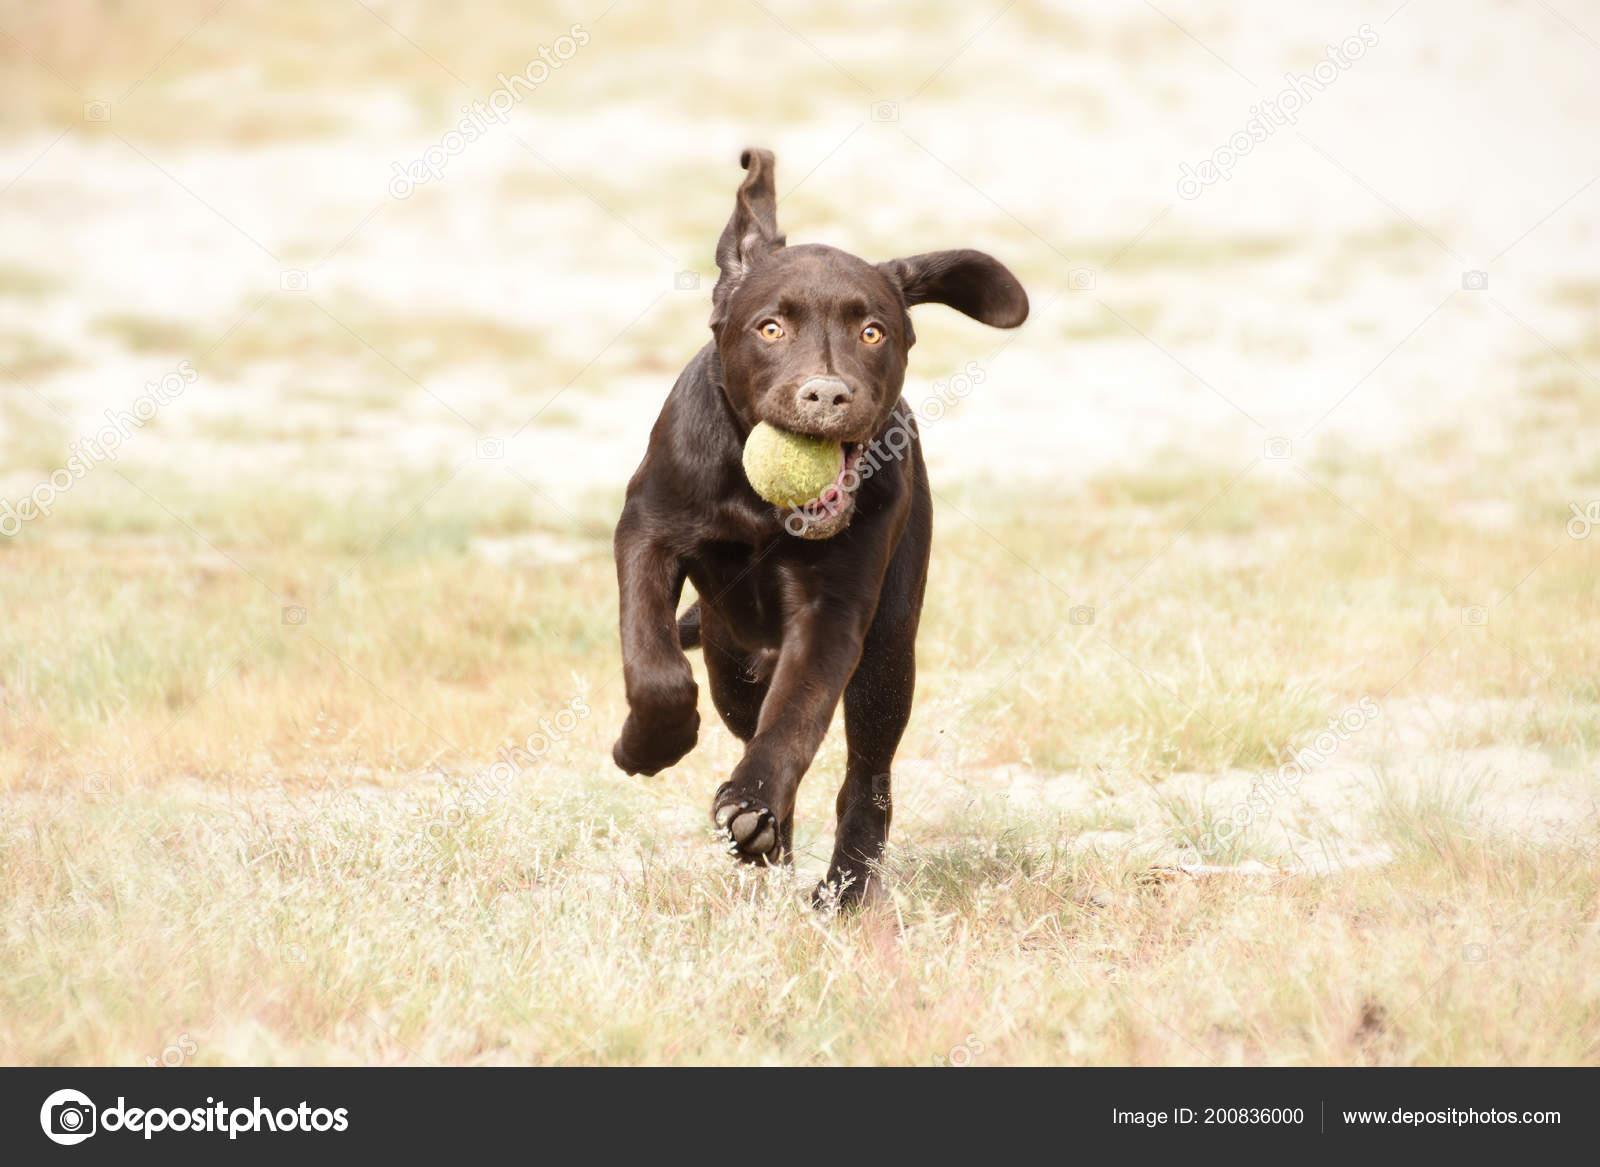 ba9d01c9d52d43 Leuke Bruine Labrador Puppy Hond Lopen Met Bal Zijn Mond — Stockfoto ...